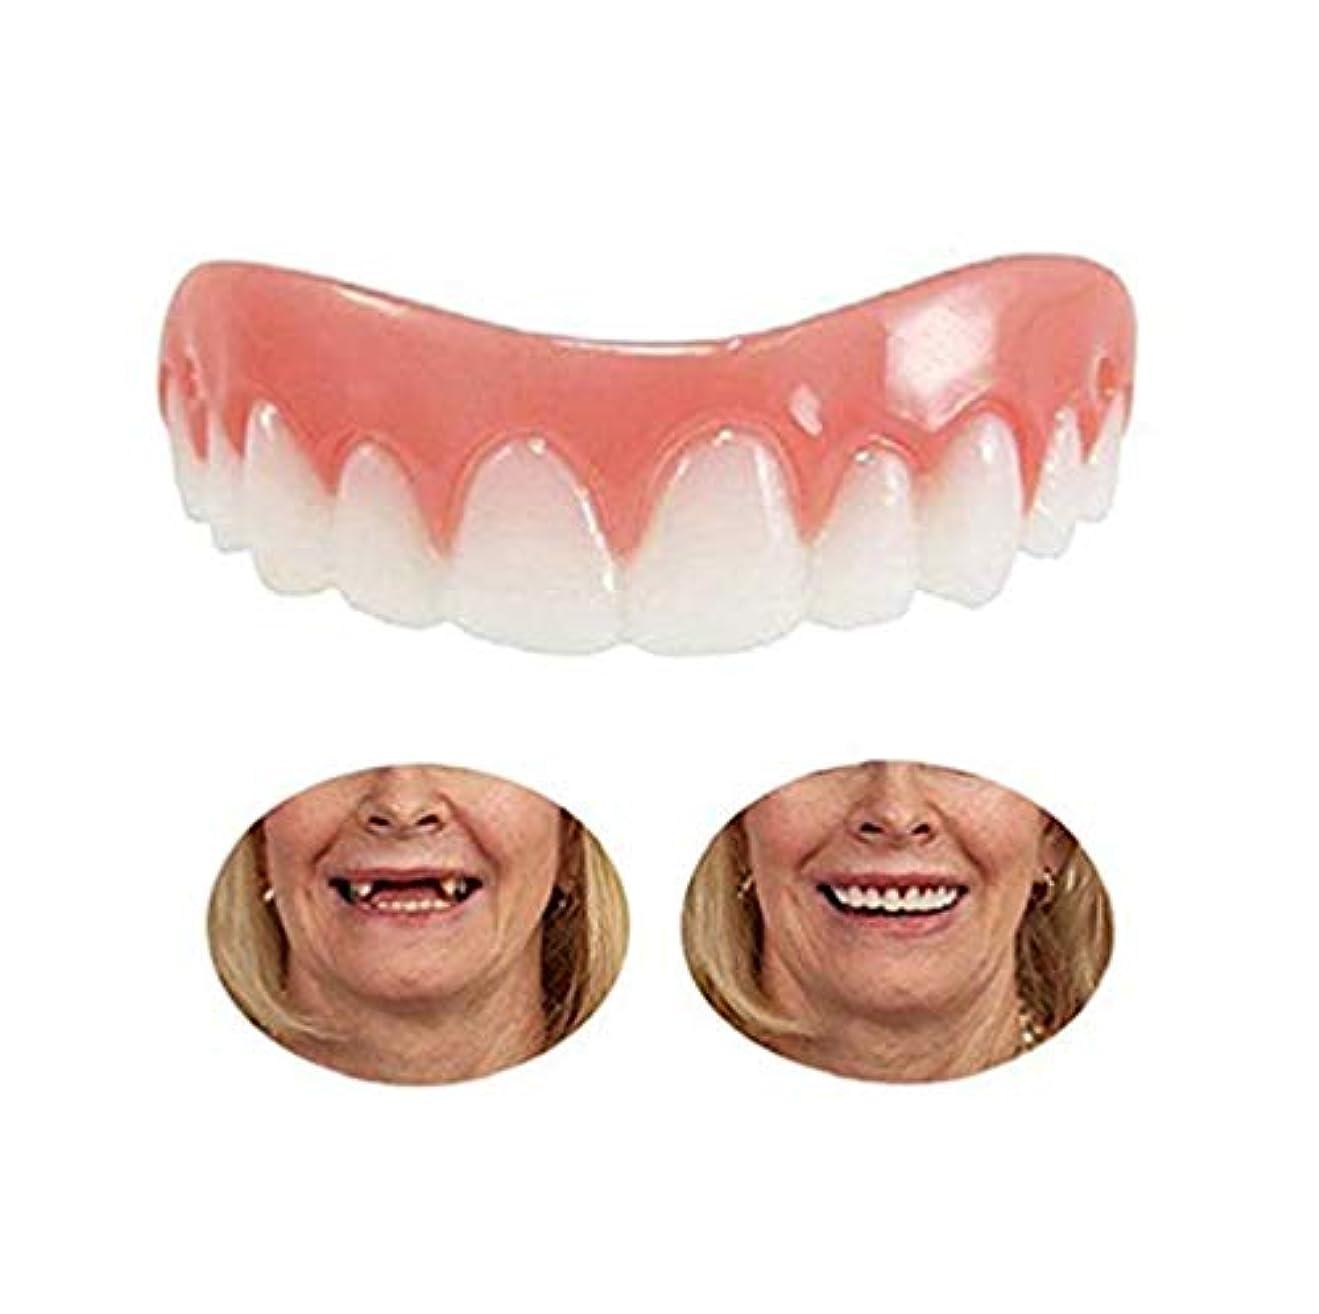 年次想像するディスパッチ化粧品歯科ベニヤパーフェクトスマイルインスタントスマイル歯科快適なトップベニア化粧品を白くする2個の 一時的な義歯義歯